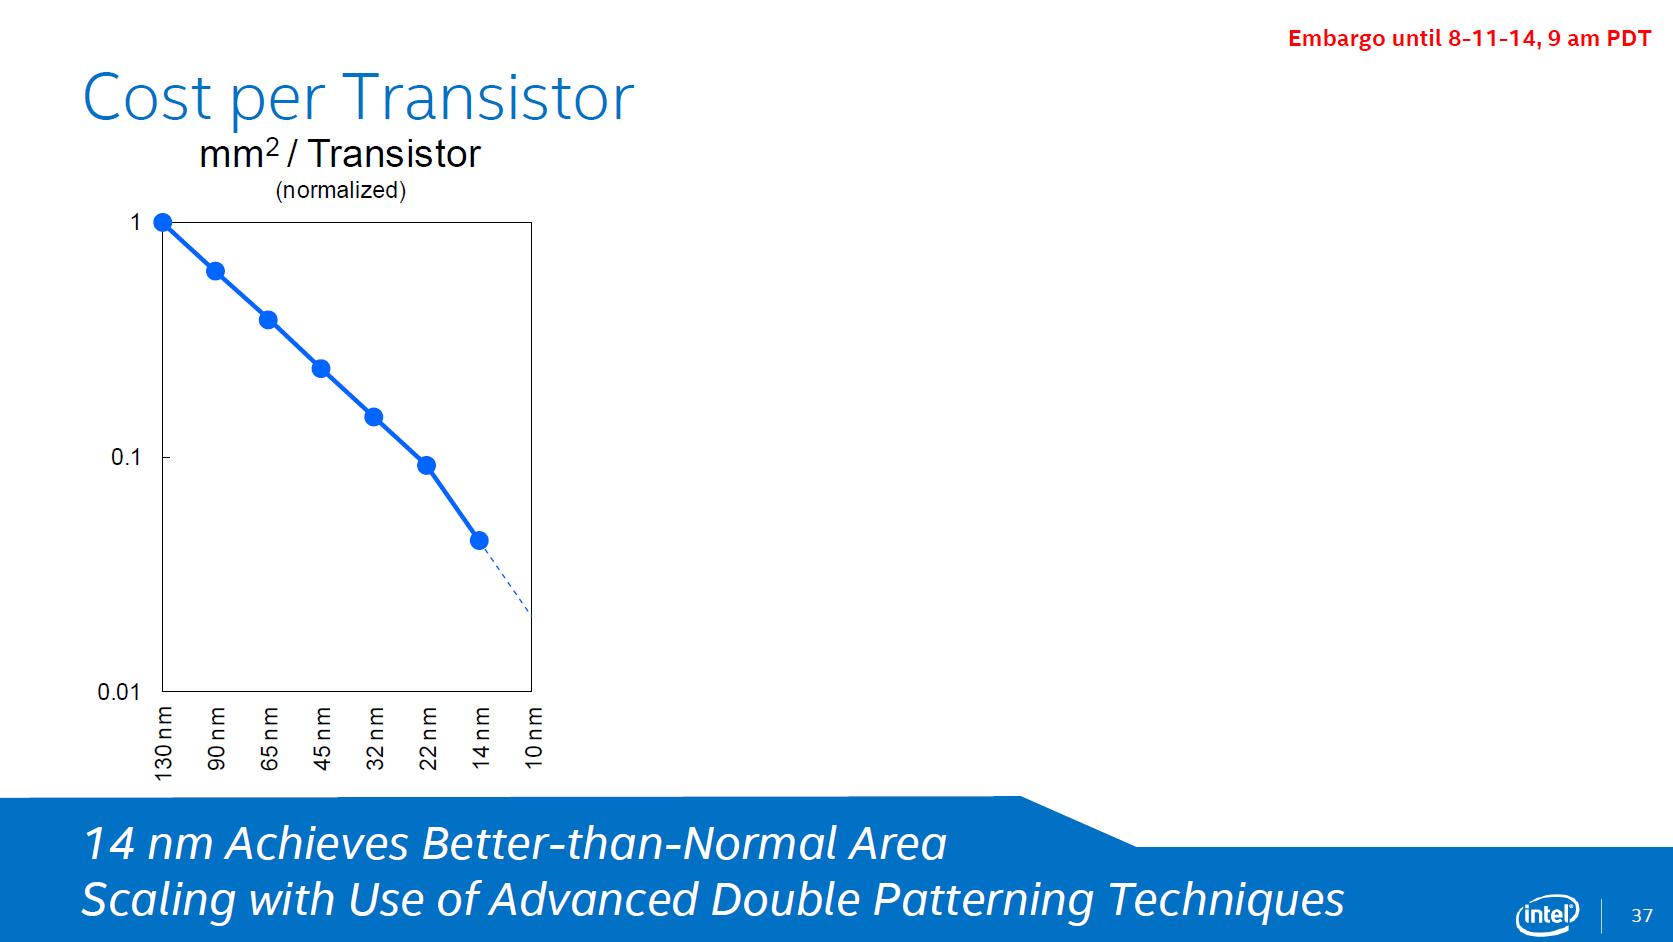 Kosten pro Transistor bei der 14-nm-Produktion